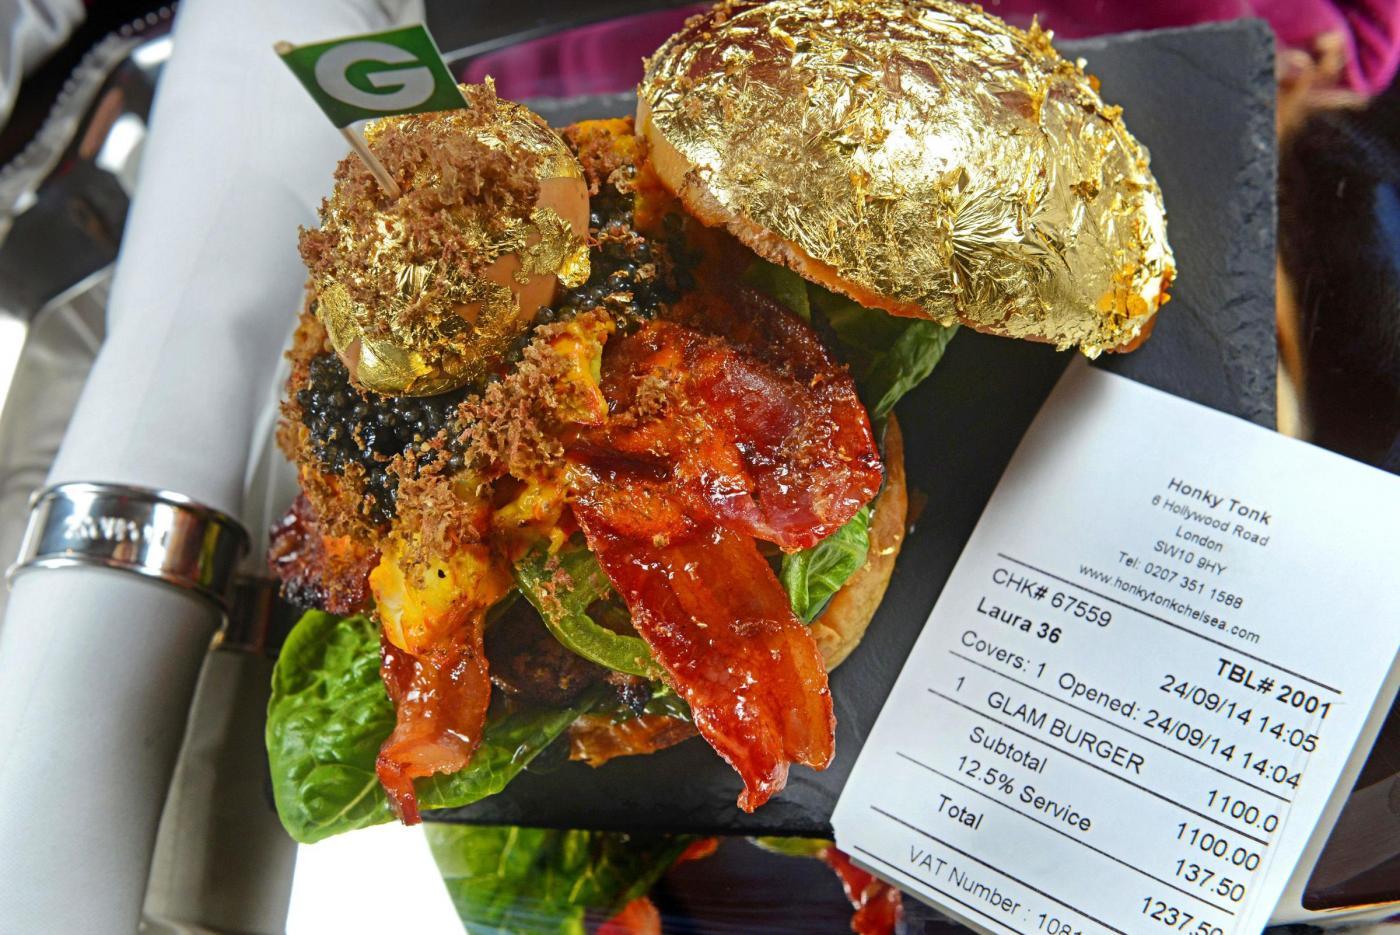 Glamburger, l'hamburger da 1400 euro è il più costoso del mondo04